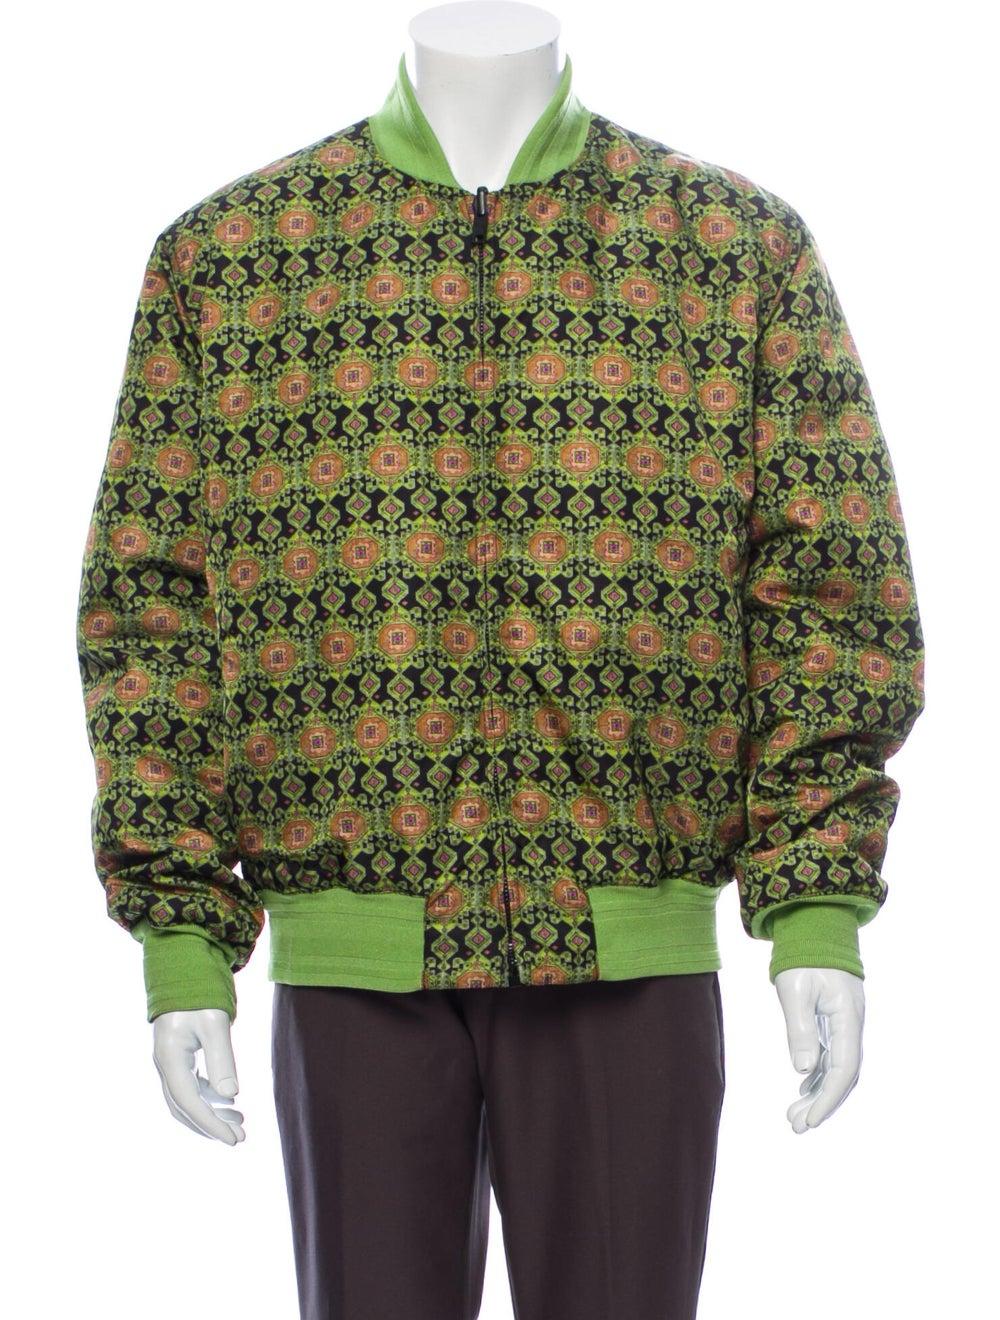 Givenchy Printed Bomber Jacket Green - image 1